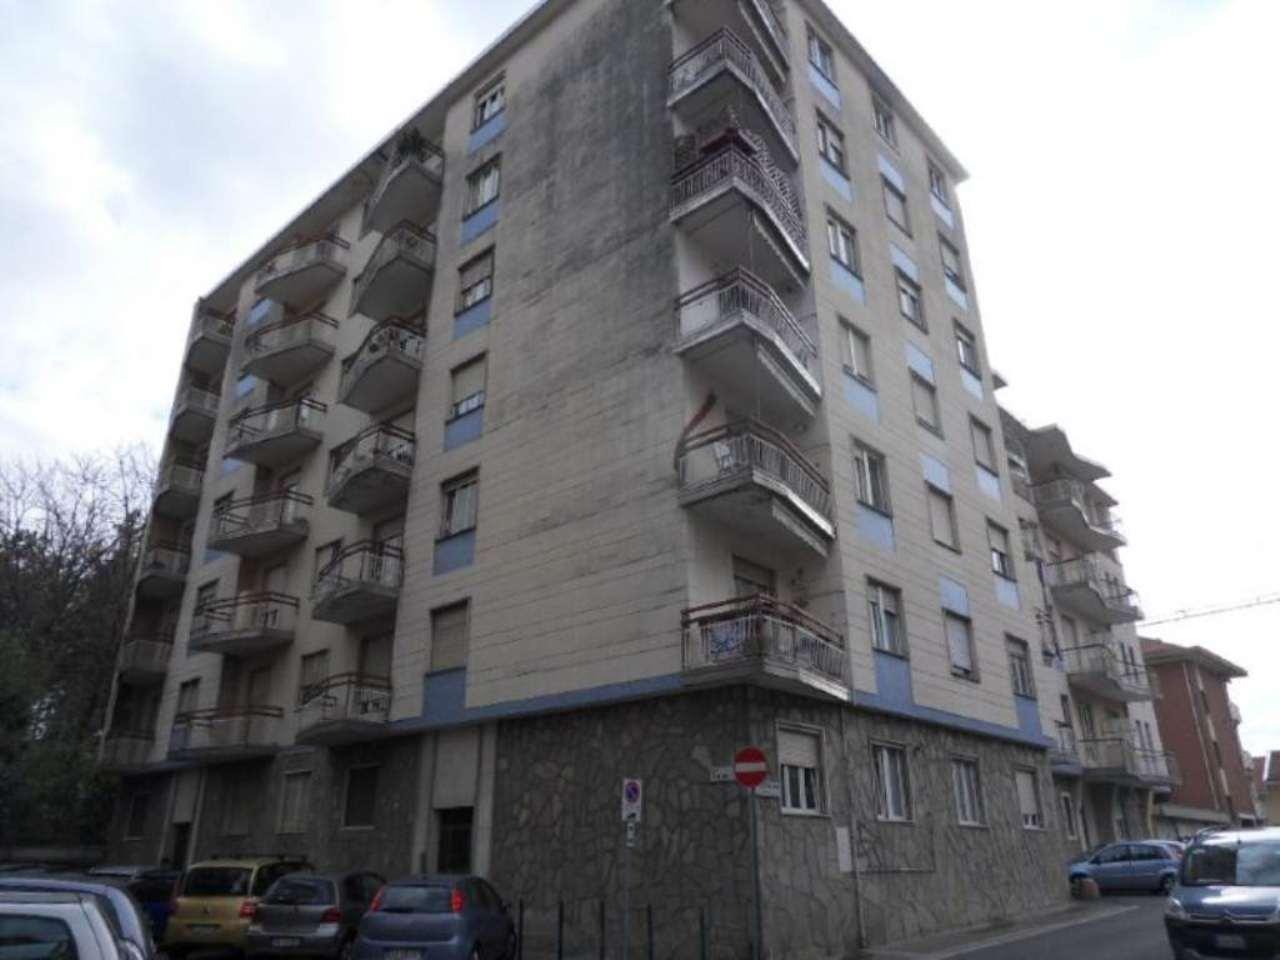 Appartamento in vendita a Alpignano, 2 locali, prezzo € 103.000 | CambioCasa.it